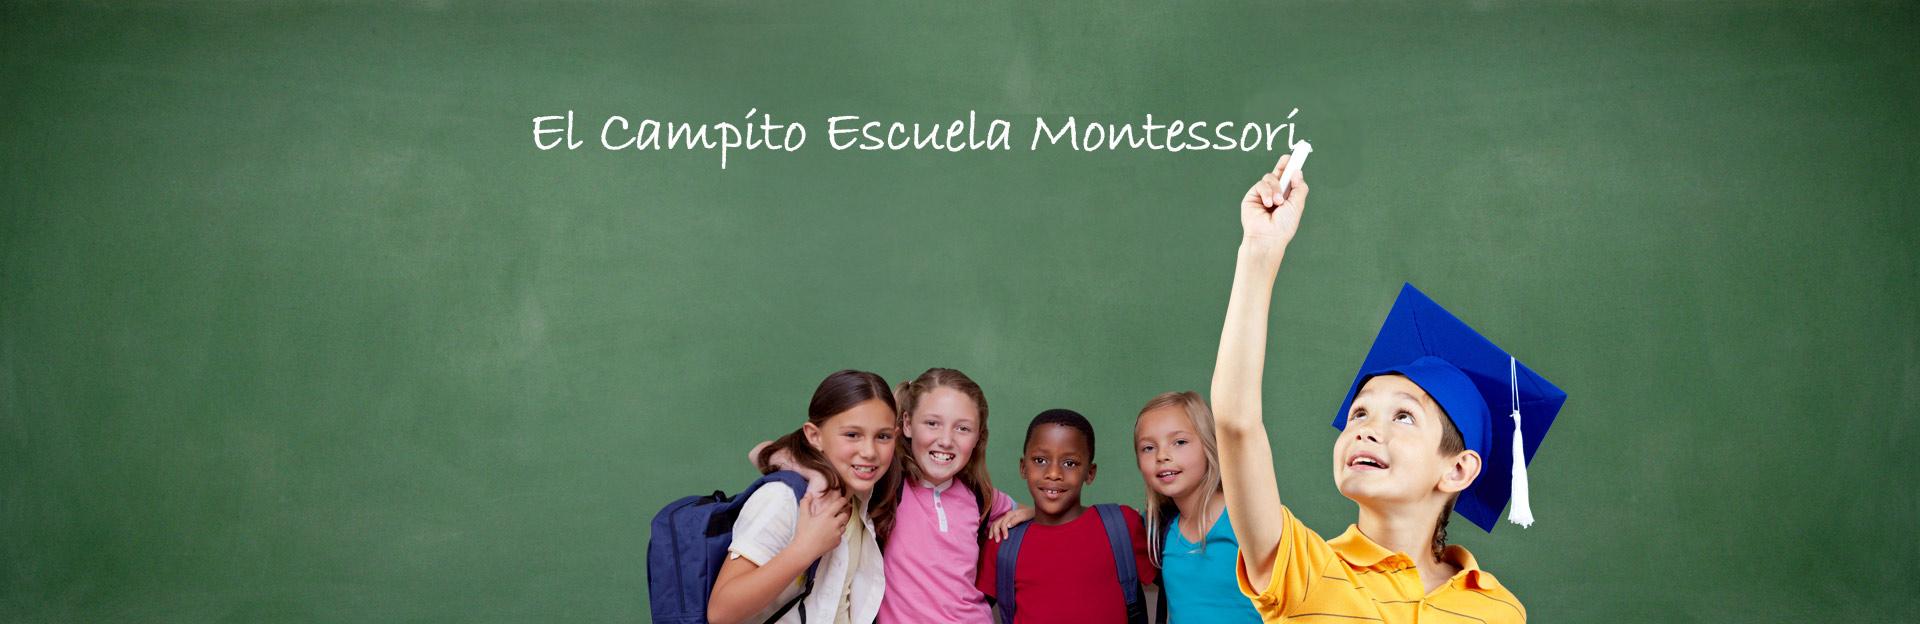 banner-3-el-campito